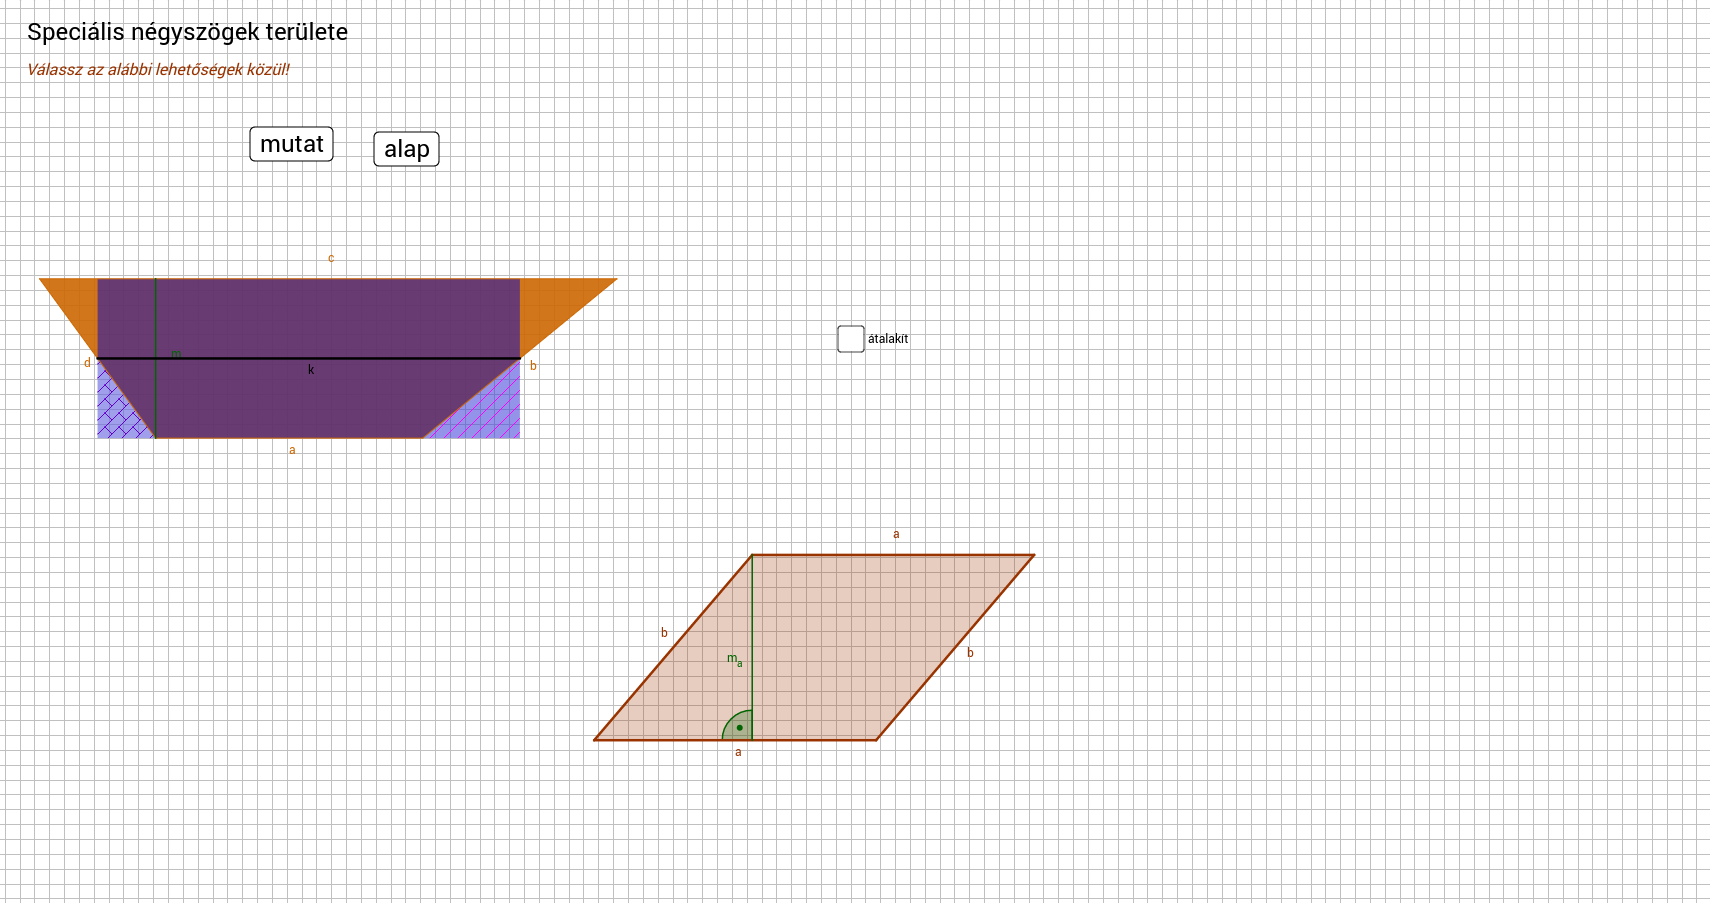 spec négyszög ter